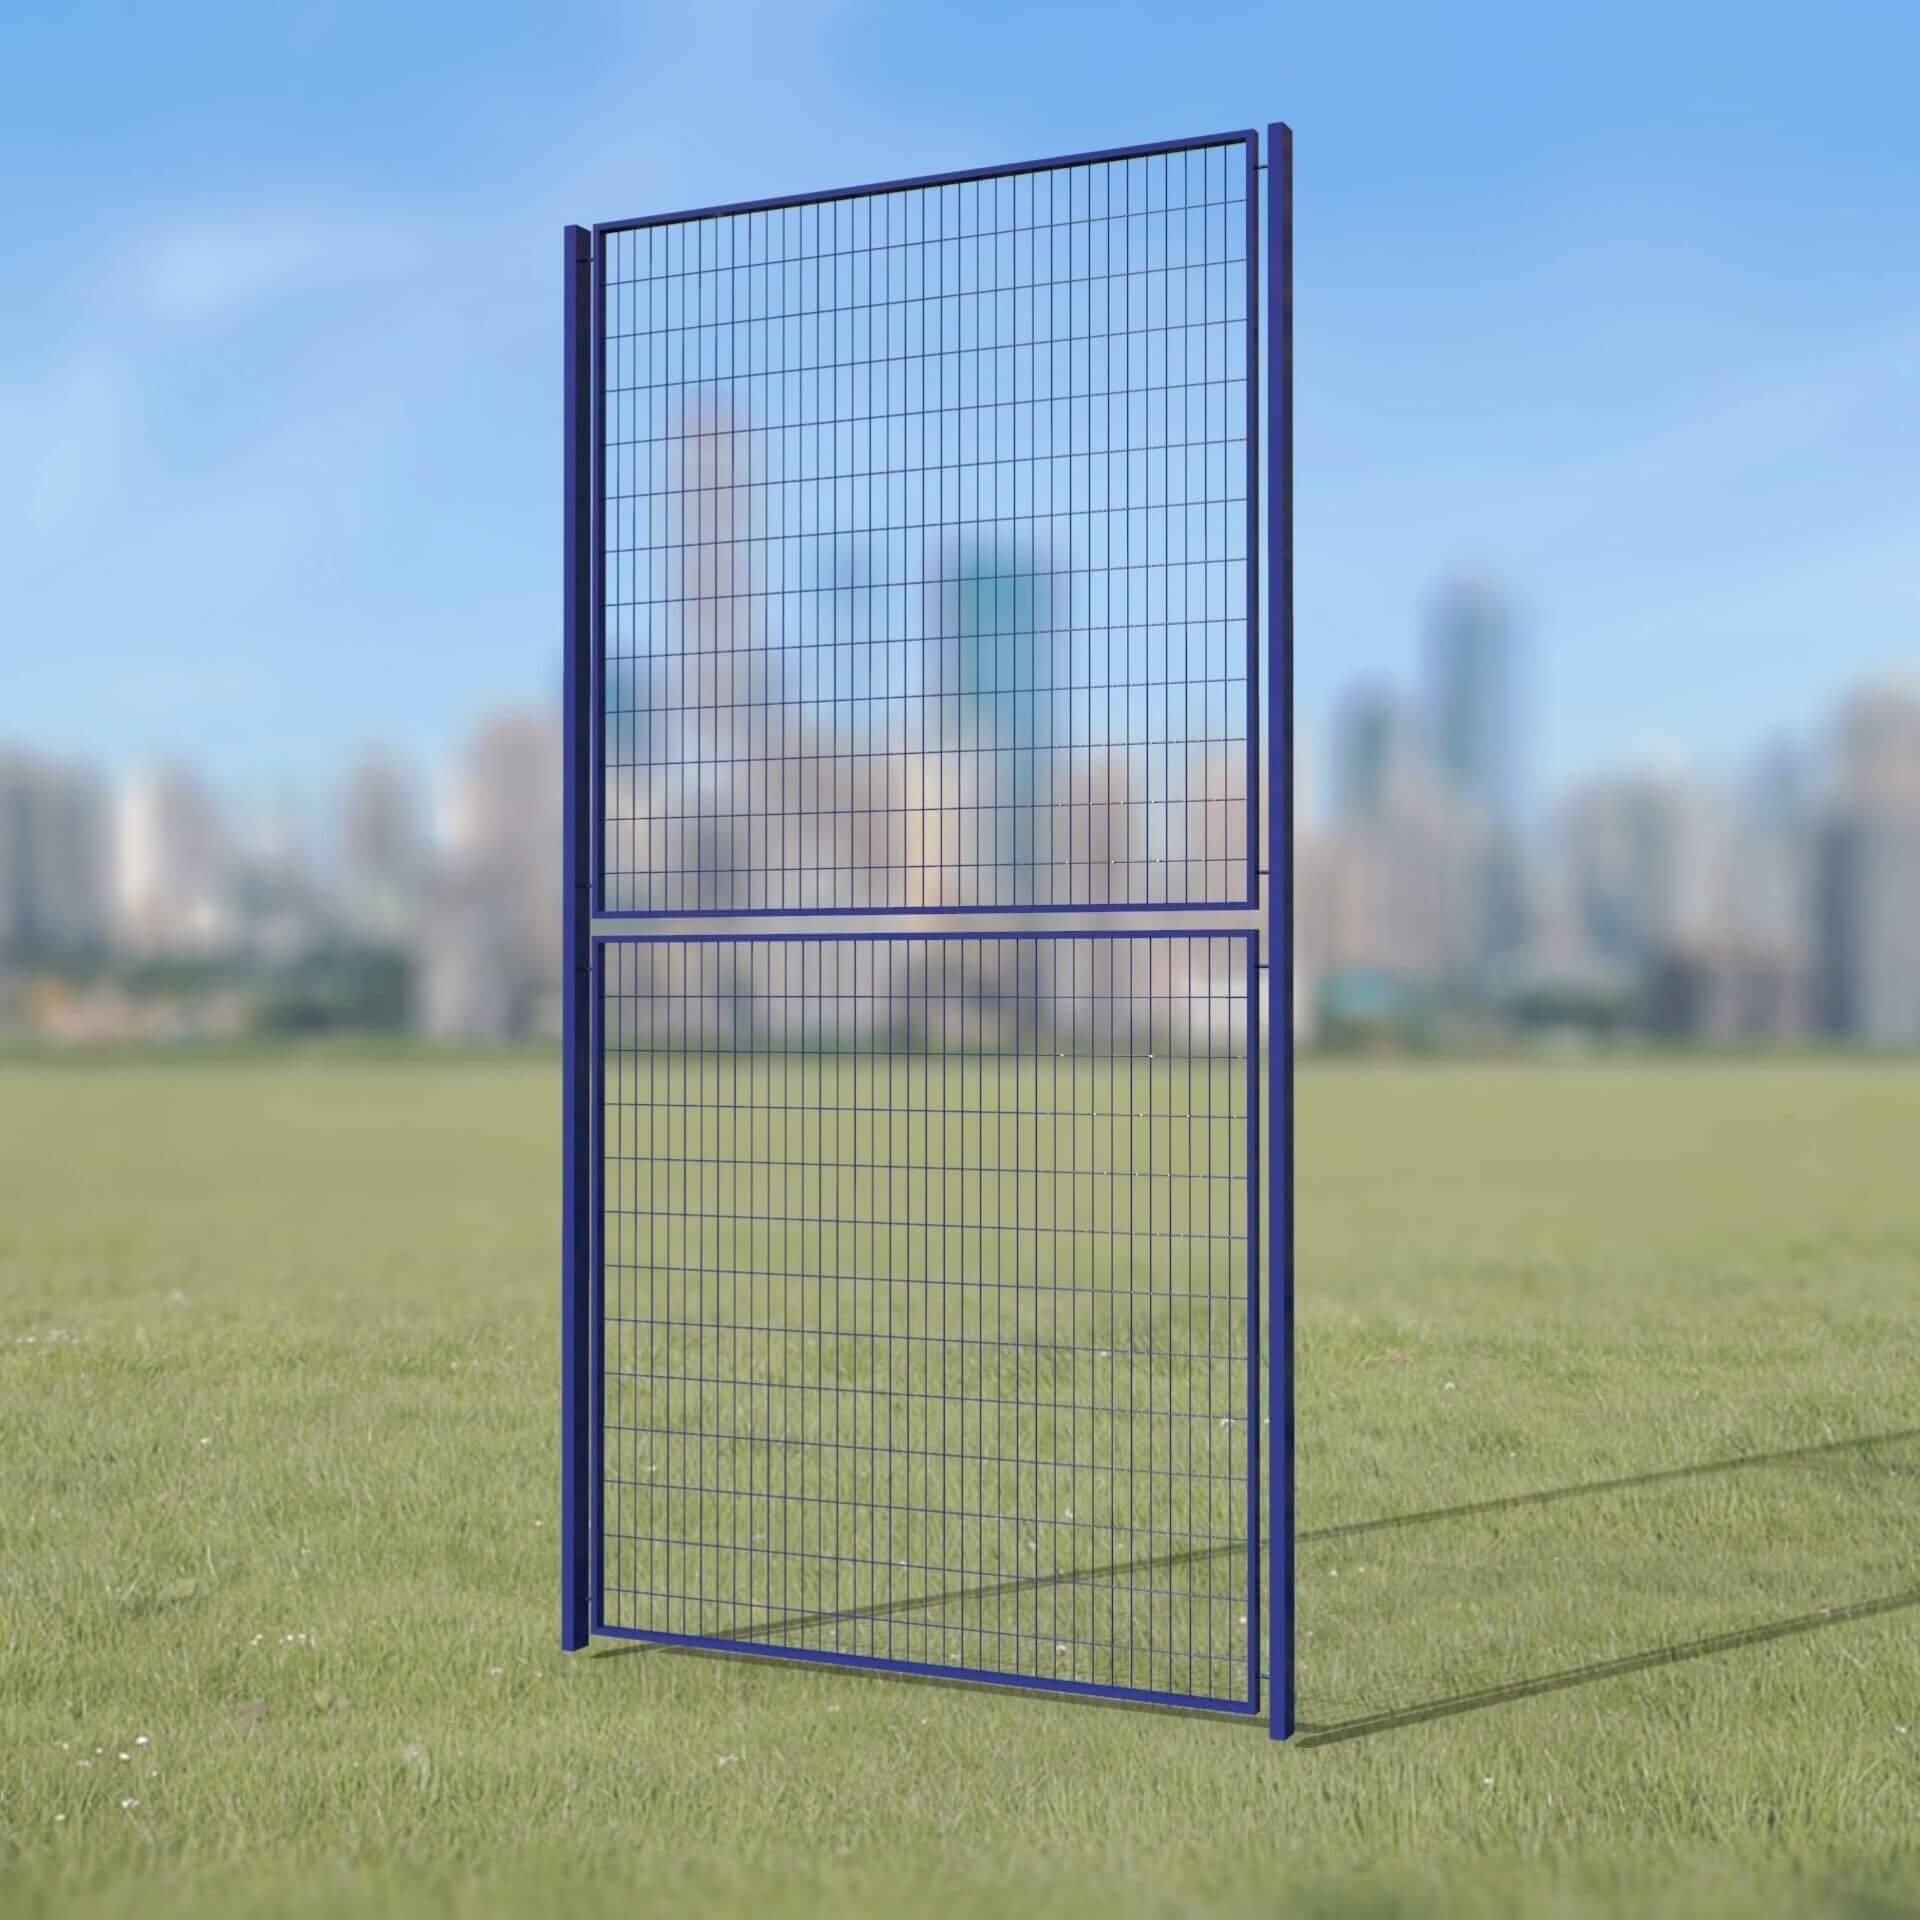 גדר מגרש ספורט דגם אנפילד